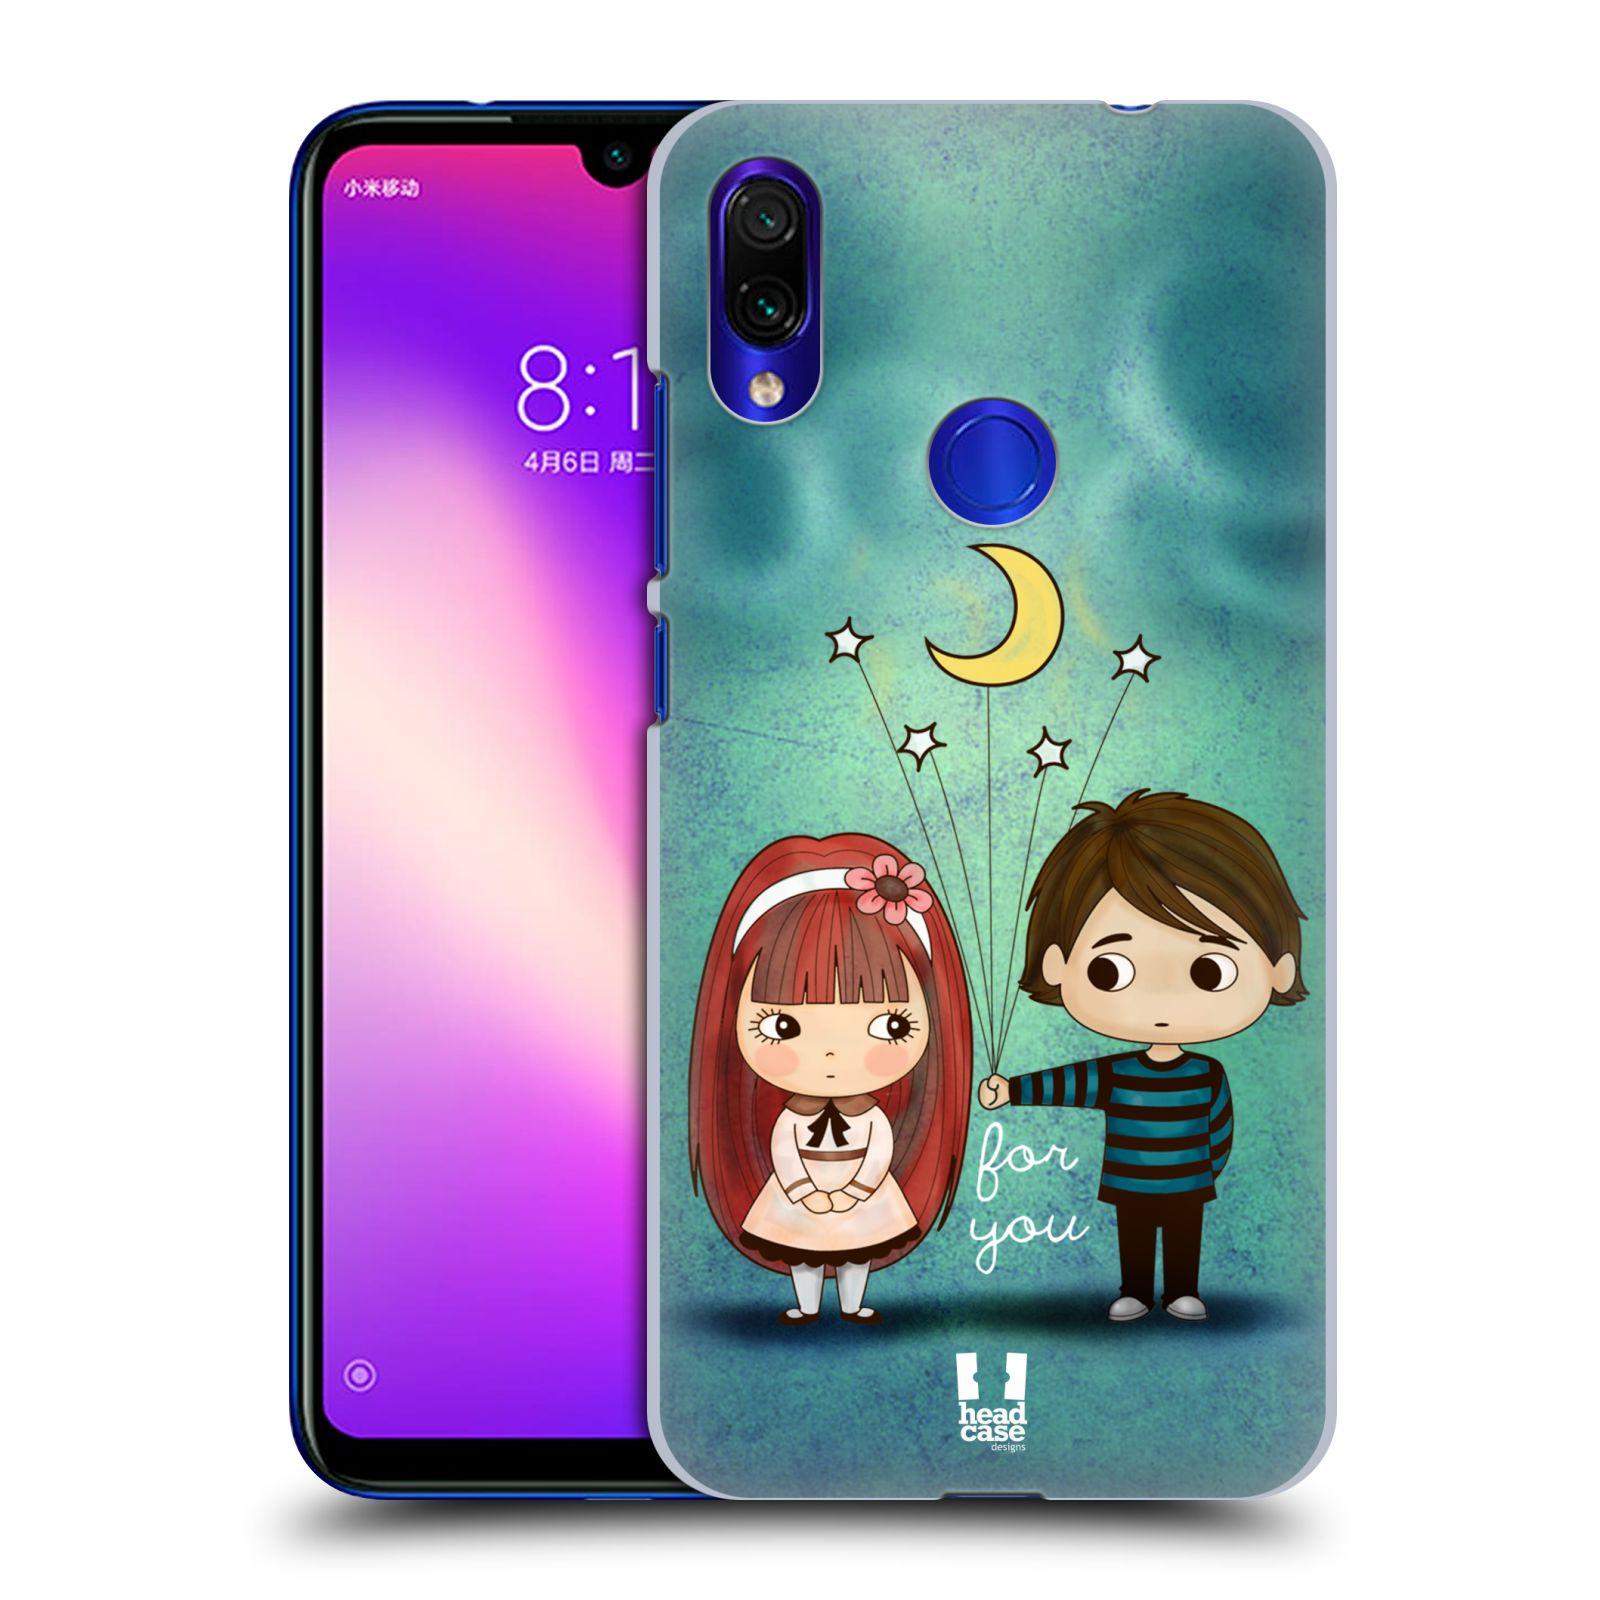 Plastové pouzdro na mobil Xiaomi Redmi Note 7 - Head Case - Emo Love při Měsíčku